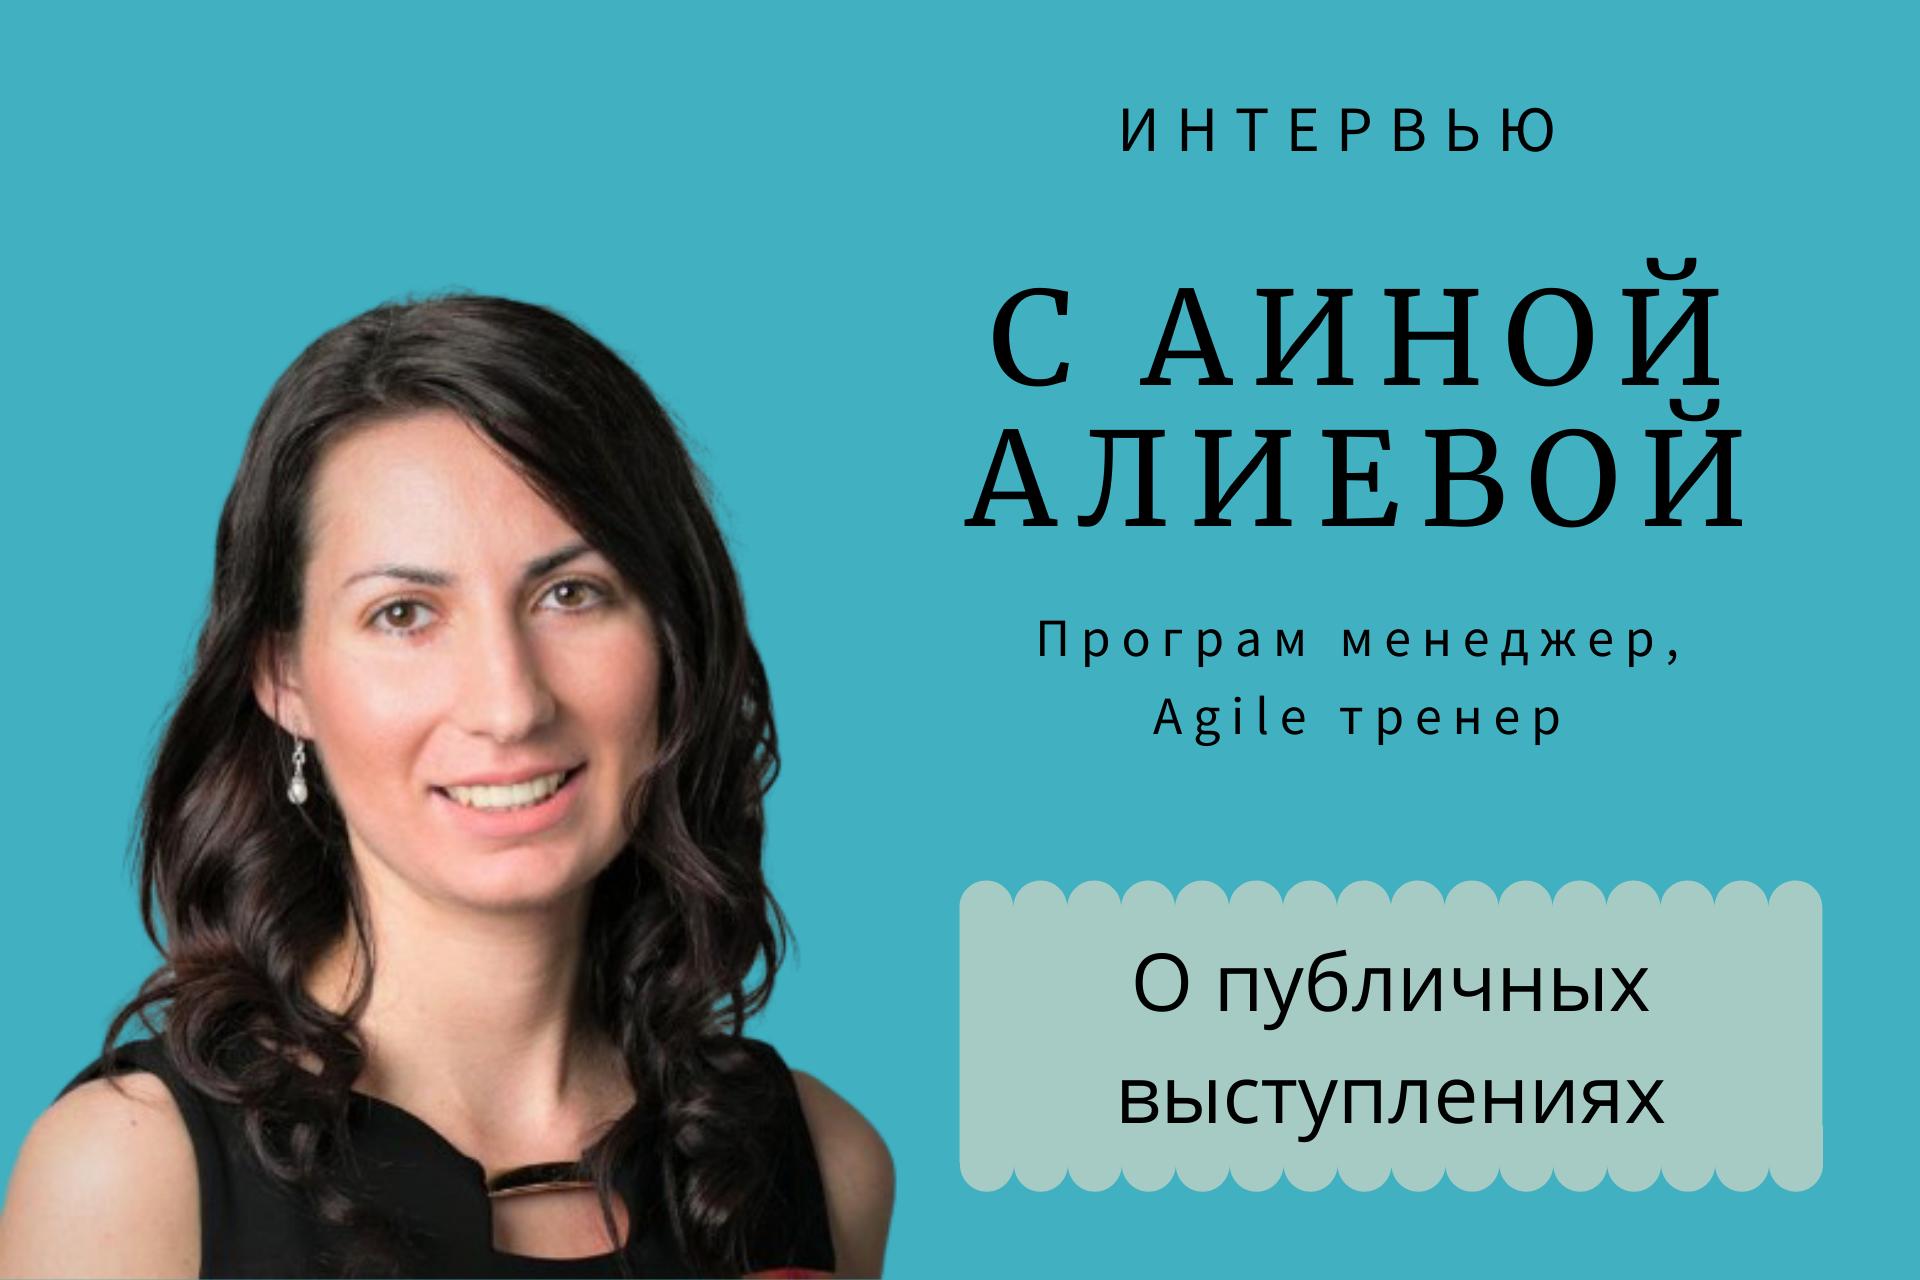 Блог Listen to your broccoli - Интервью с Аиной Алиевой